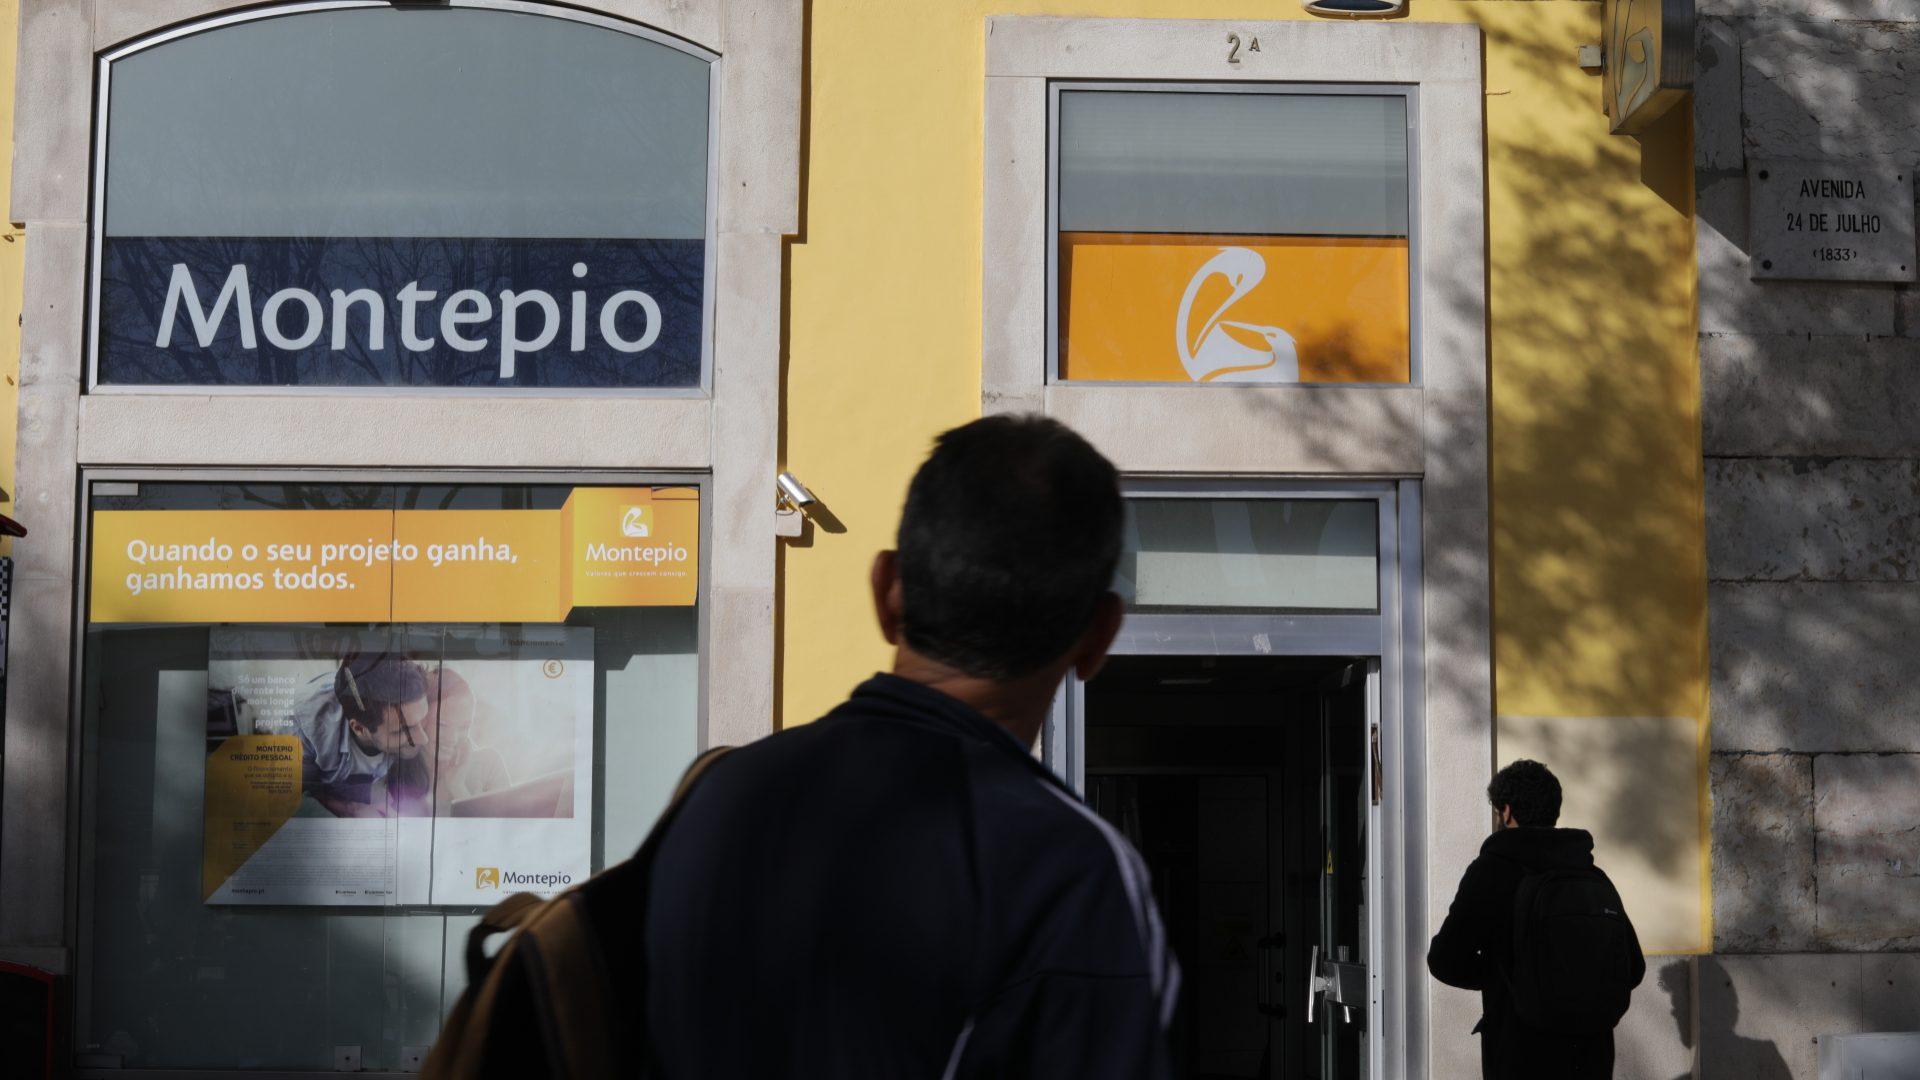 Montepio volta a vender produtos mutualistas. Carlos Tavares blinda banco da Associação